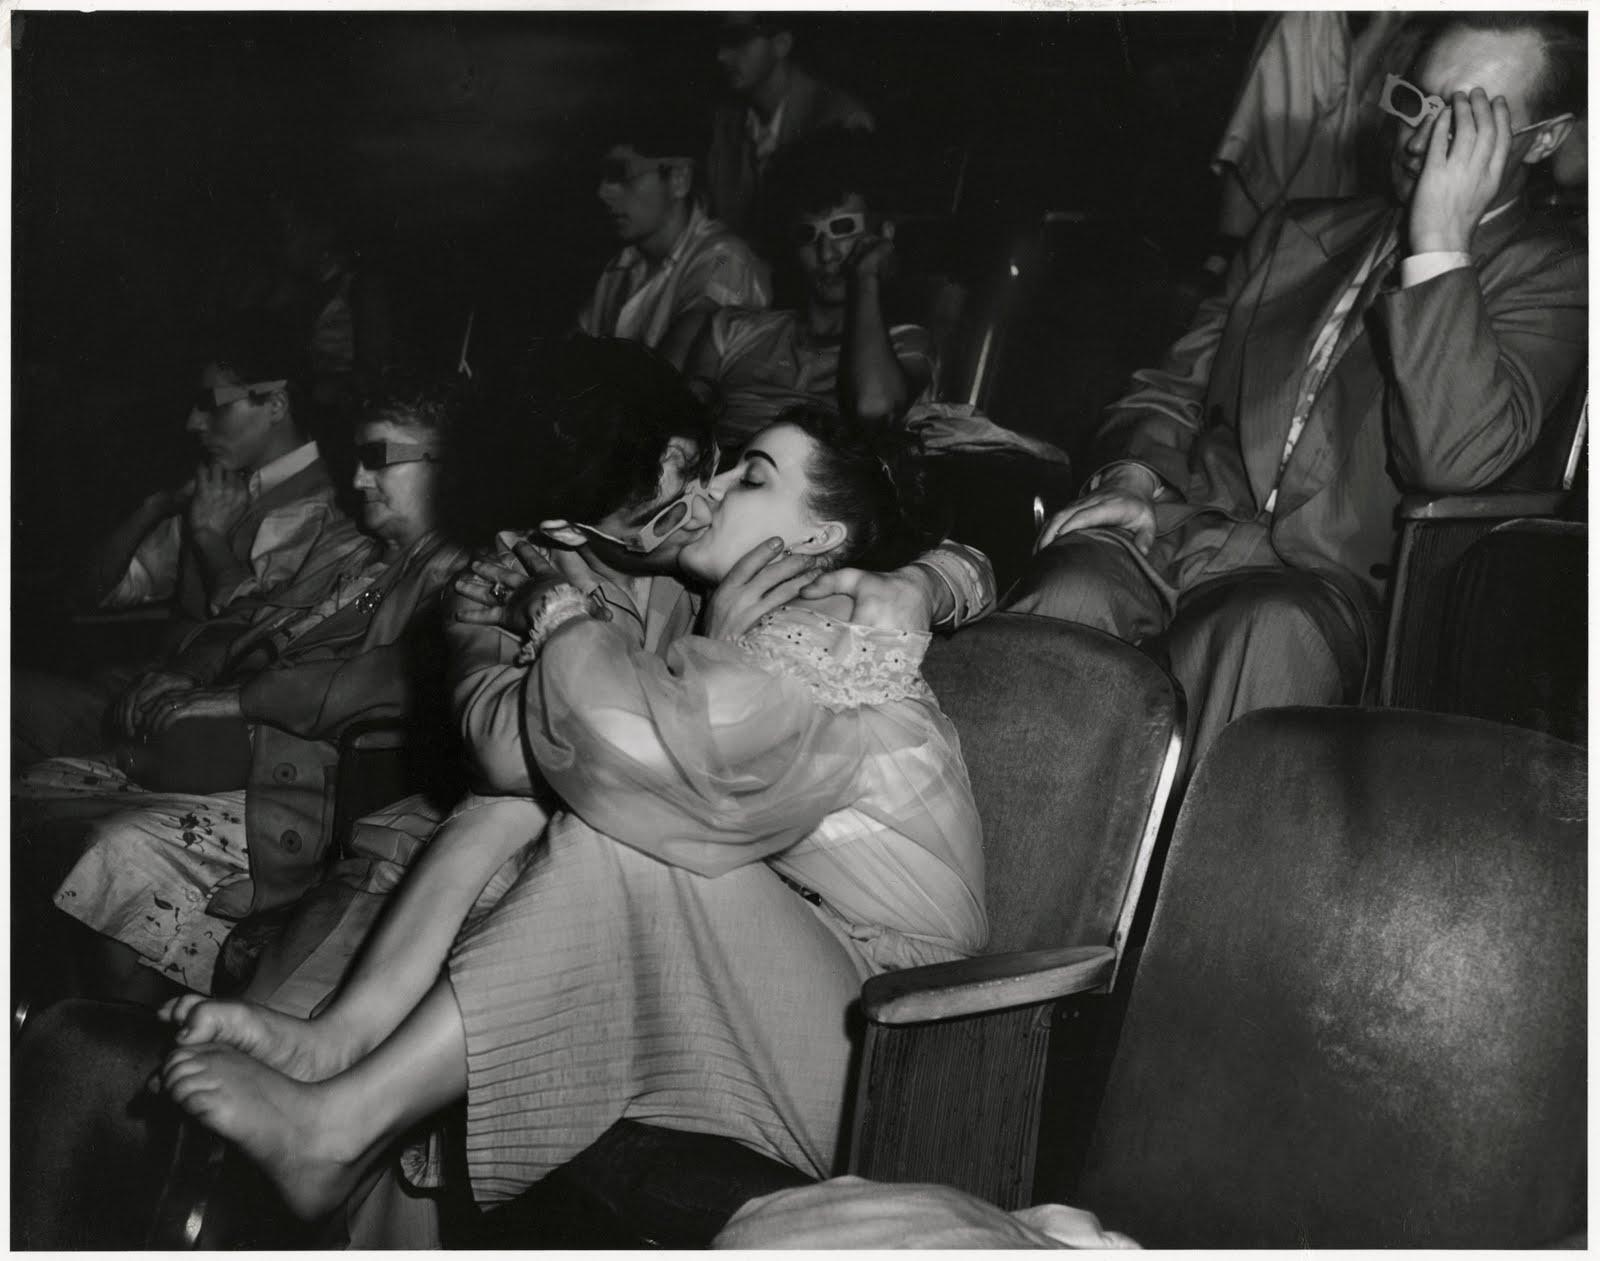 całująca się para w kinie